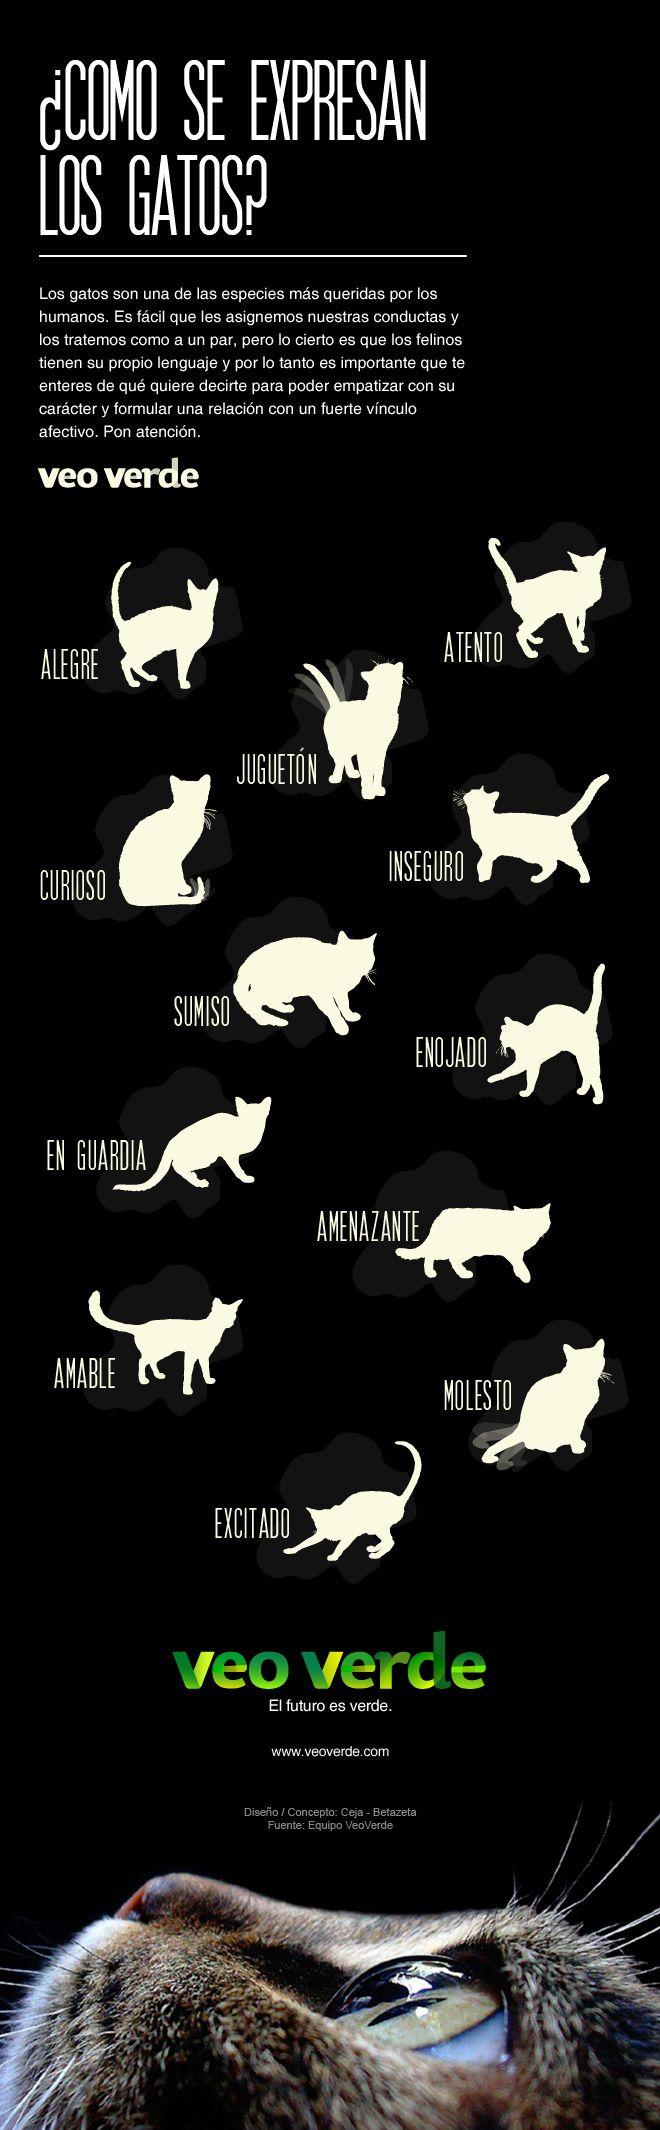 Conoce la expresión corporal de tu felino y aprende a interpretarlo. La comunicación es posible entre especies, solo depende de tu empatía.